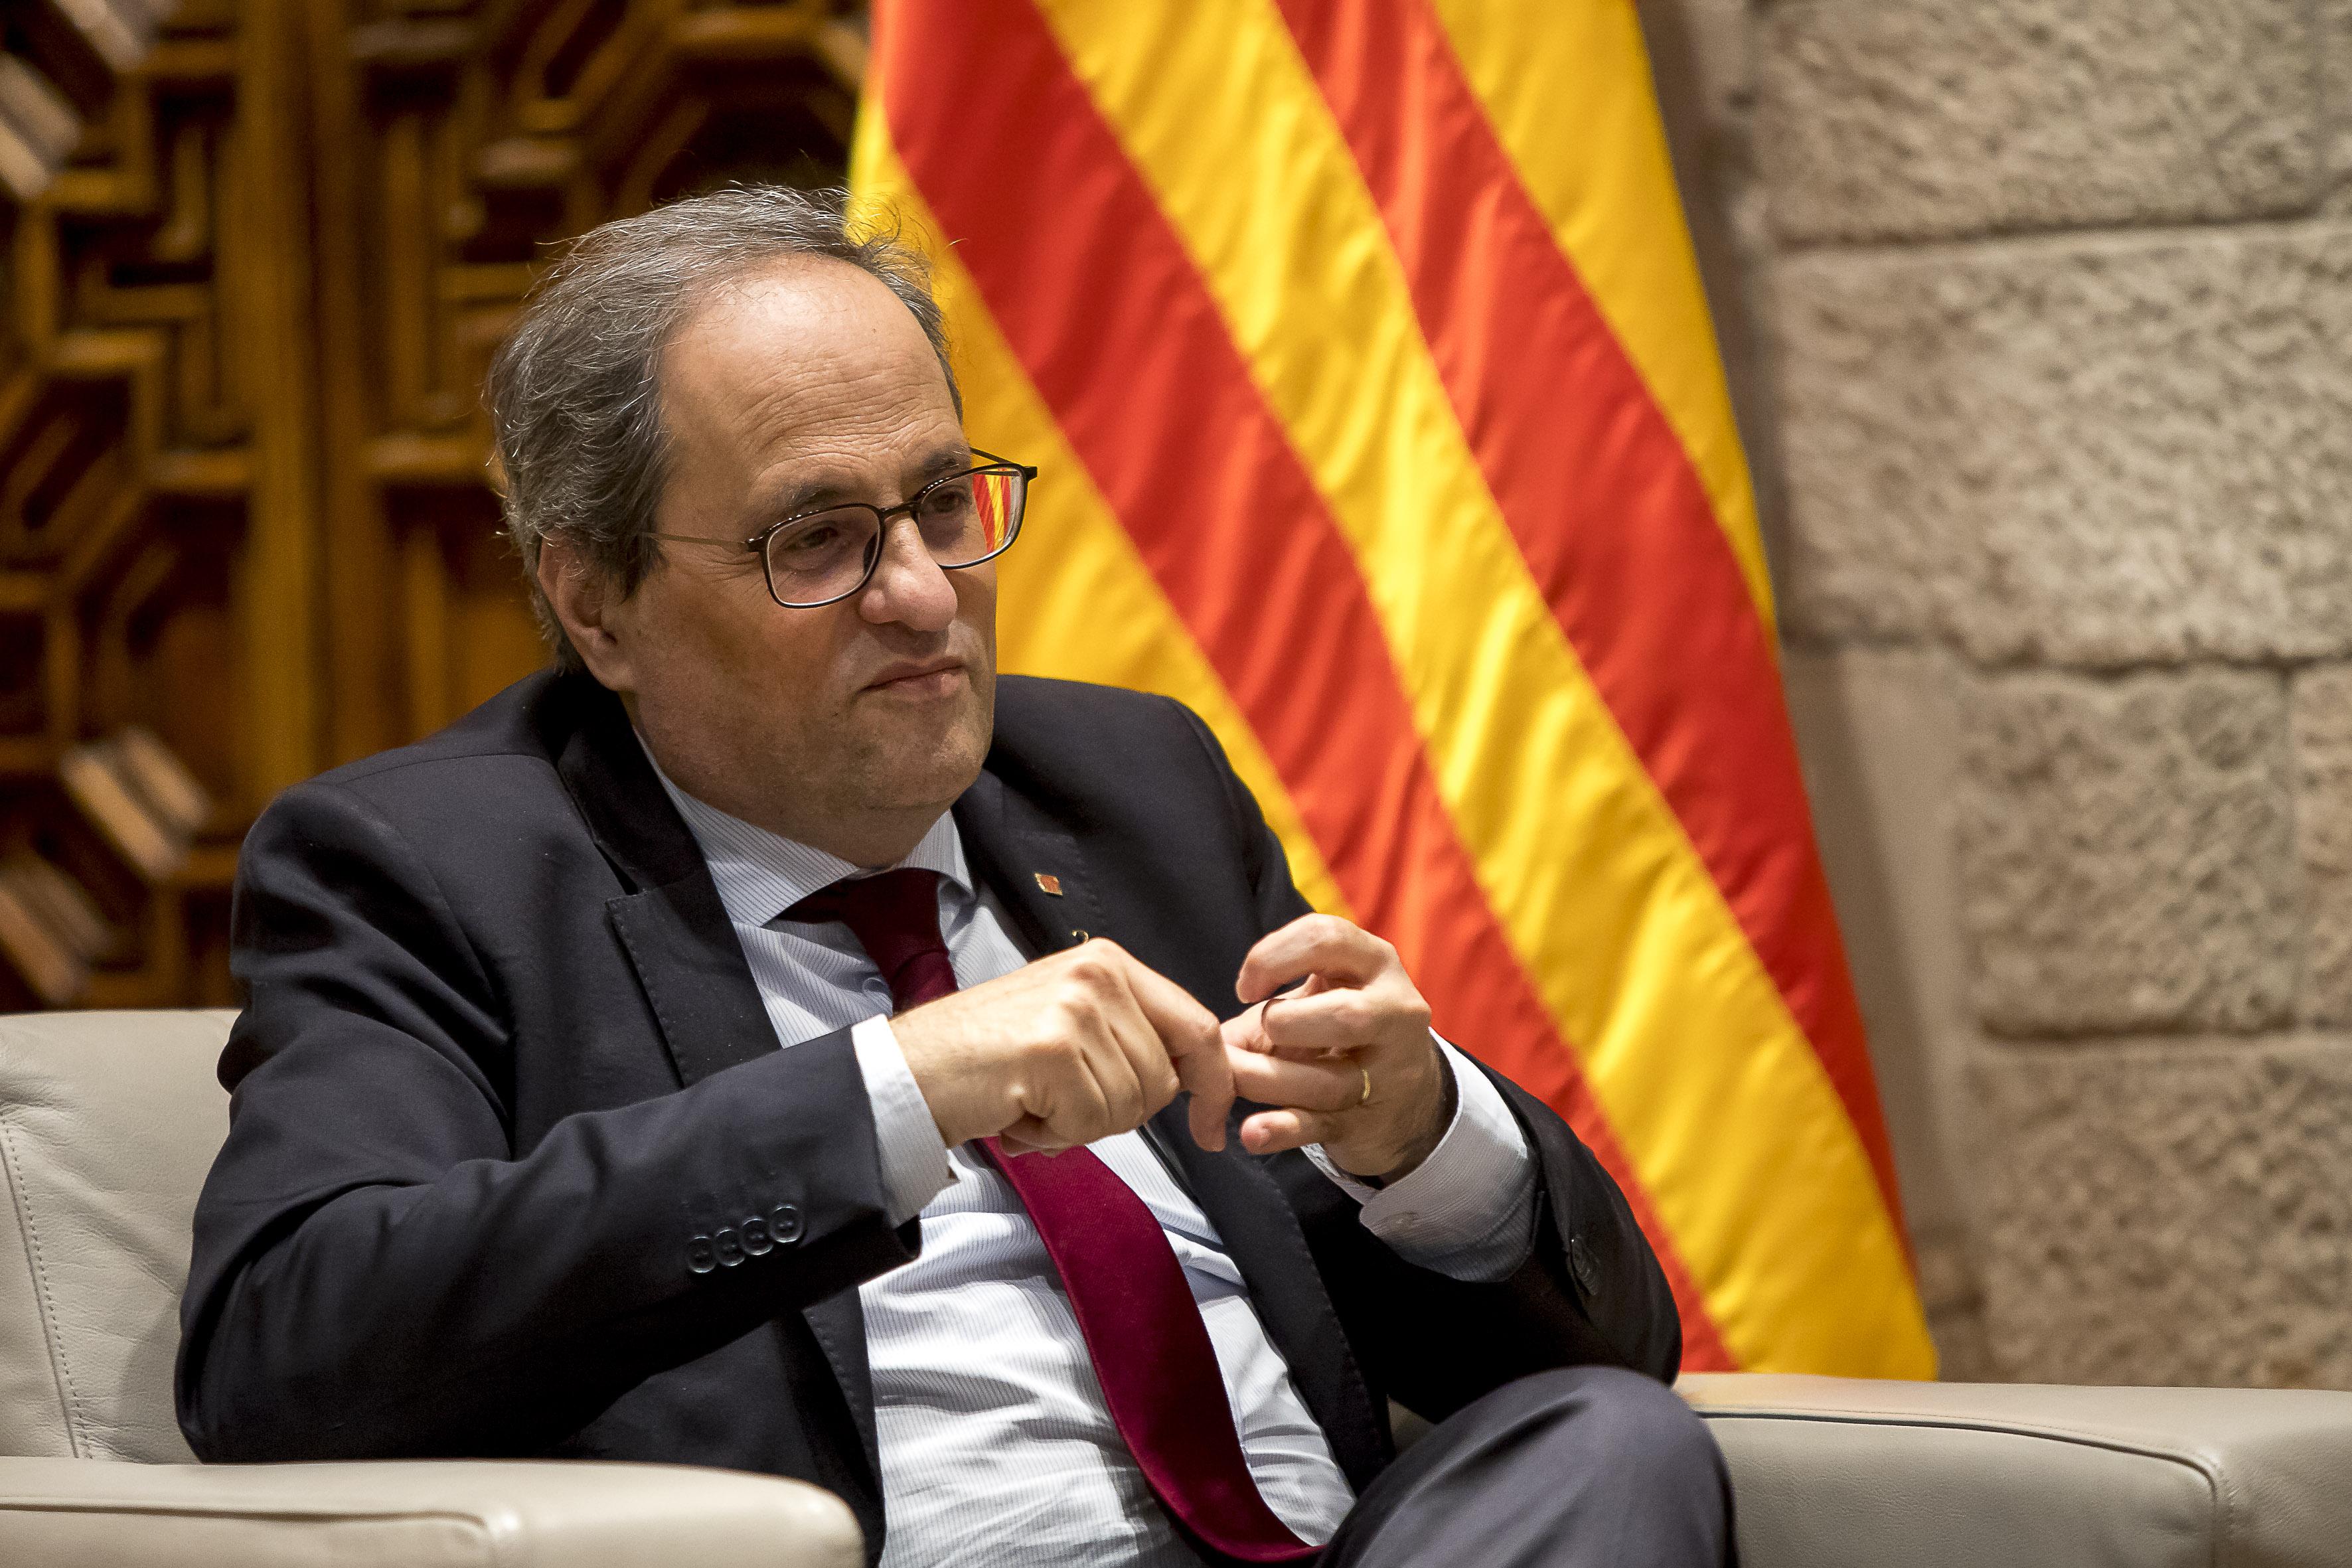 A spanyol legfelsőbb bíróság eltiltotta a katalán elnököt attól, hogy katalán elnök legyen